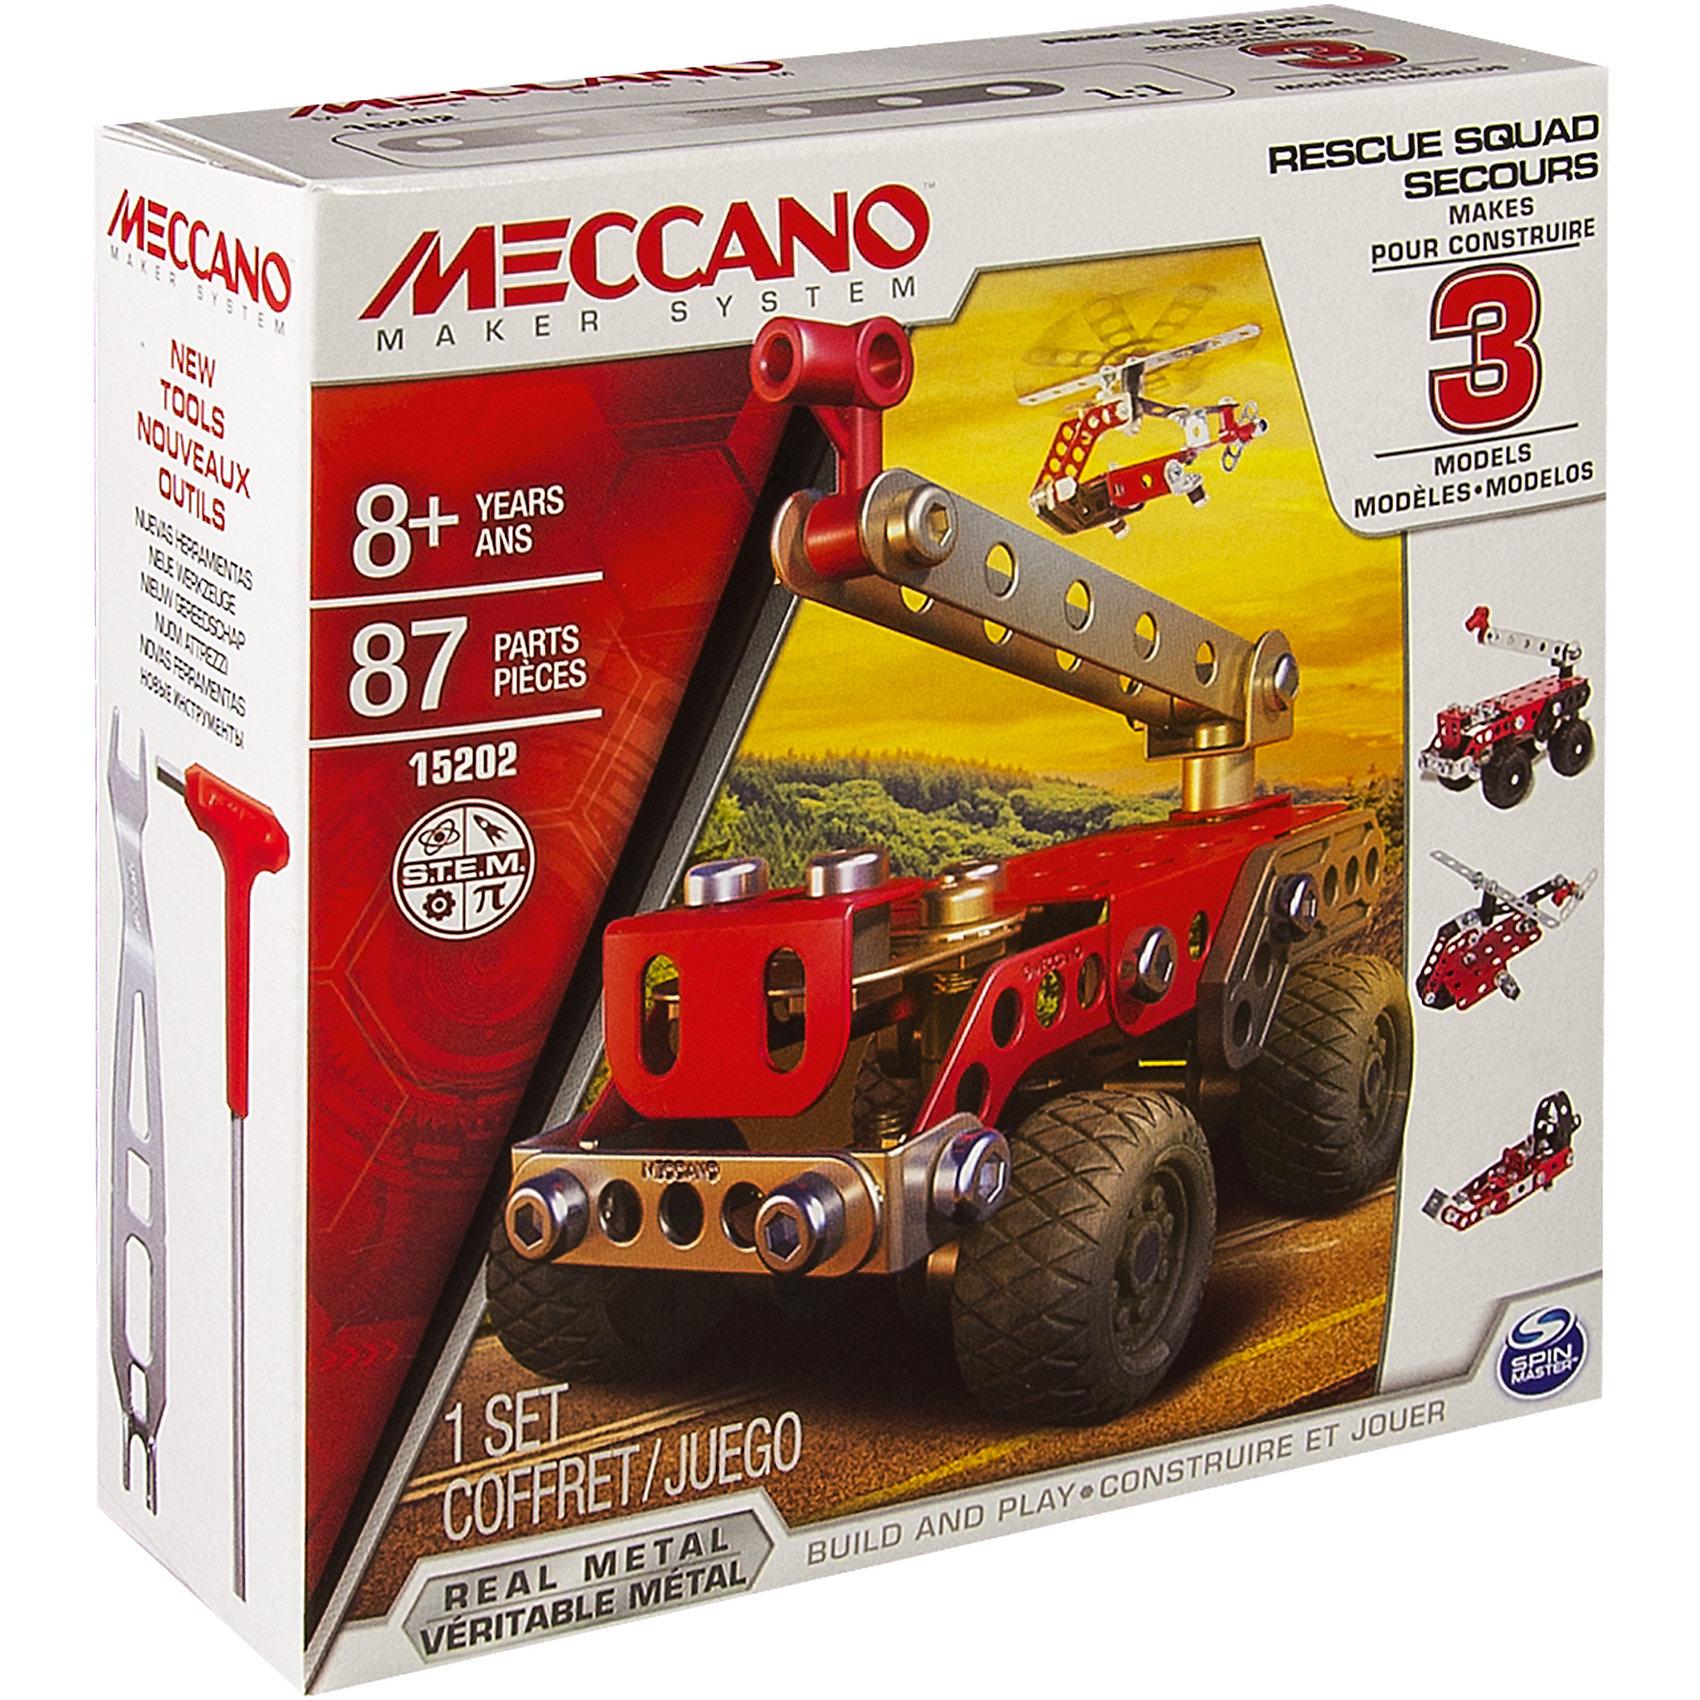 Техника службы спасения (3 модели), MeccanoТехника службы спасения (3 модели), Meccano (Меккано) несомненно, порадует поклонников классических конструкторов, собираемых с помощью винтиков и шайбочек! В наборе есть все необходимые инструменты и детали для сборки 3 различных моделей спасательной техники: пожарной машины, вертолета или катера.<br><br>Характеристики:<br>-Части детально проработаны<br>-Детали отлиты из высококачественного сплава, отсутствуют заусенцы и острые грани<br>-Развивает: навыки инженерного мышления, мелкую моторику, комбинаторные навыки, логику, усидчивость<br>-Резиновые покрышки на колесах для придания модели реалистичности<br><br>Комплектация: 87 деталей, инструменты, инструкция<br><br>Дополнительная информация:<br>-Количество деталей: 87<br>-Вес в упаковке: 1,25 кг<br>-Размеры в упаковке: 15х5х15 см<br>-Материалы: пластик, металл, резина <br>-Размер основной модели: 10х6 см<br><br>Яркий набор Техника службы спасения (3 модели) – отличный подарок для школьника, который любит проектирование, строительство и различные механизмы!<br><br>Техника службы спасения (3 модели), Meccano (Меккано) можно купить в нашем магазине.<br><br>Ширина мм: 154<br>Глубина мм: 151<br>Высота мм: 53<br>Вес г: 194<br>Возраст от месяцев: 36<br>Возраст до месяцев: 96<br>Пол: Мужской<br>Возраст: Детский<br>SKU: 4158551